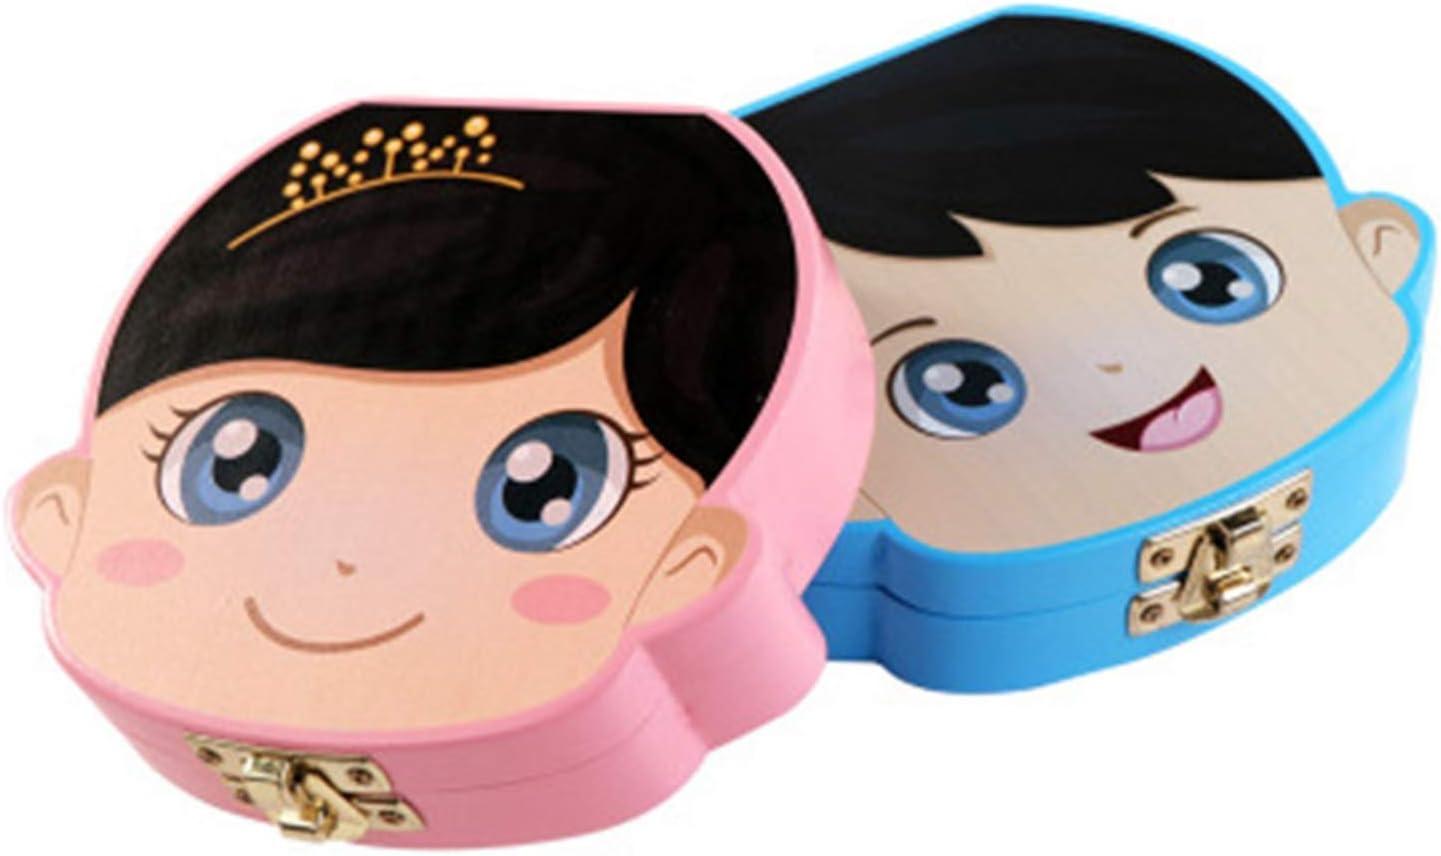 Blau Monland Baby Zahn Box Holz Milch Z?hne Organizer Lagerung Jungen M?dchen Speichern Souvenir Fall Geschenk Kreative Baby Zahn Organizer F/üR Kinder